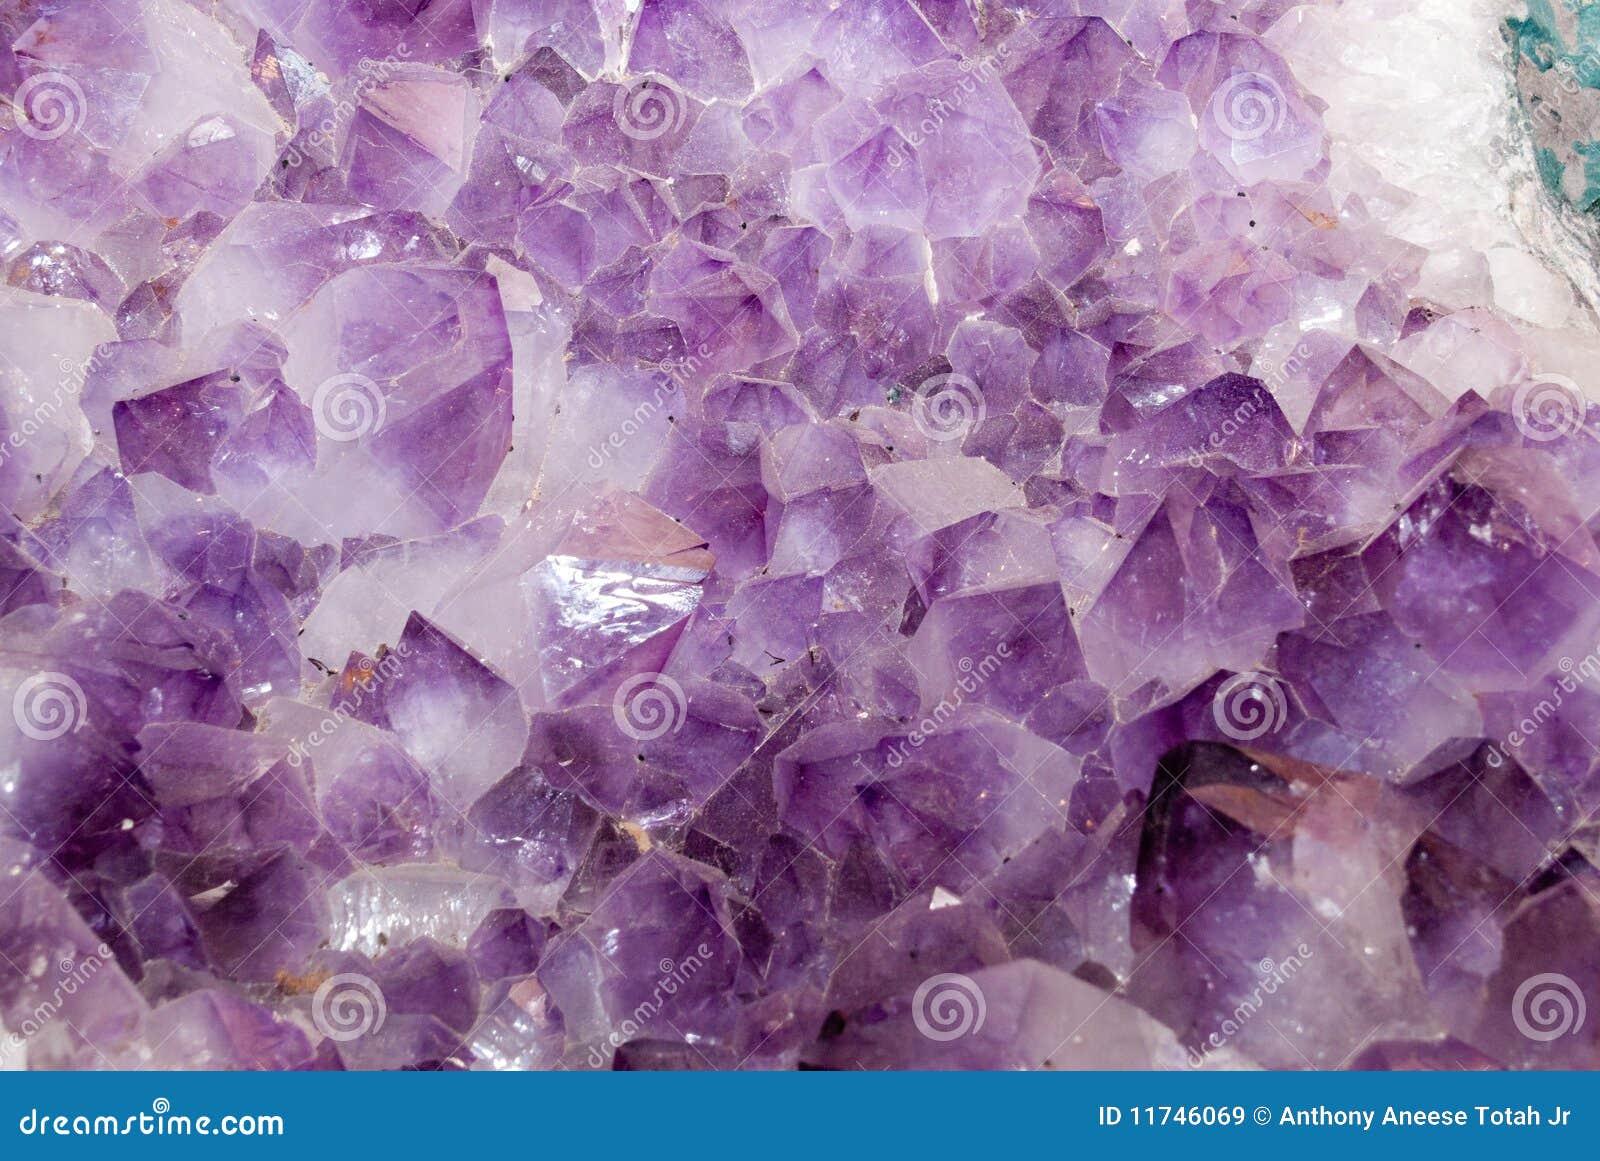 紫色的水晶